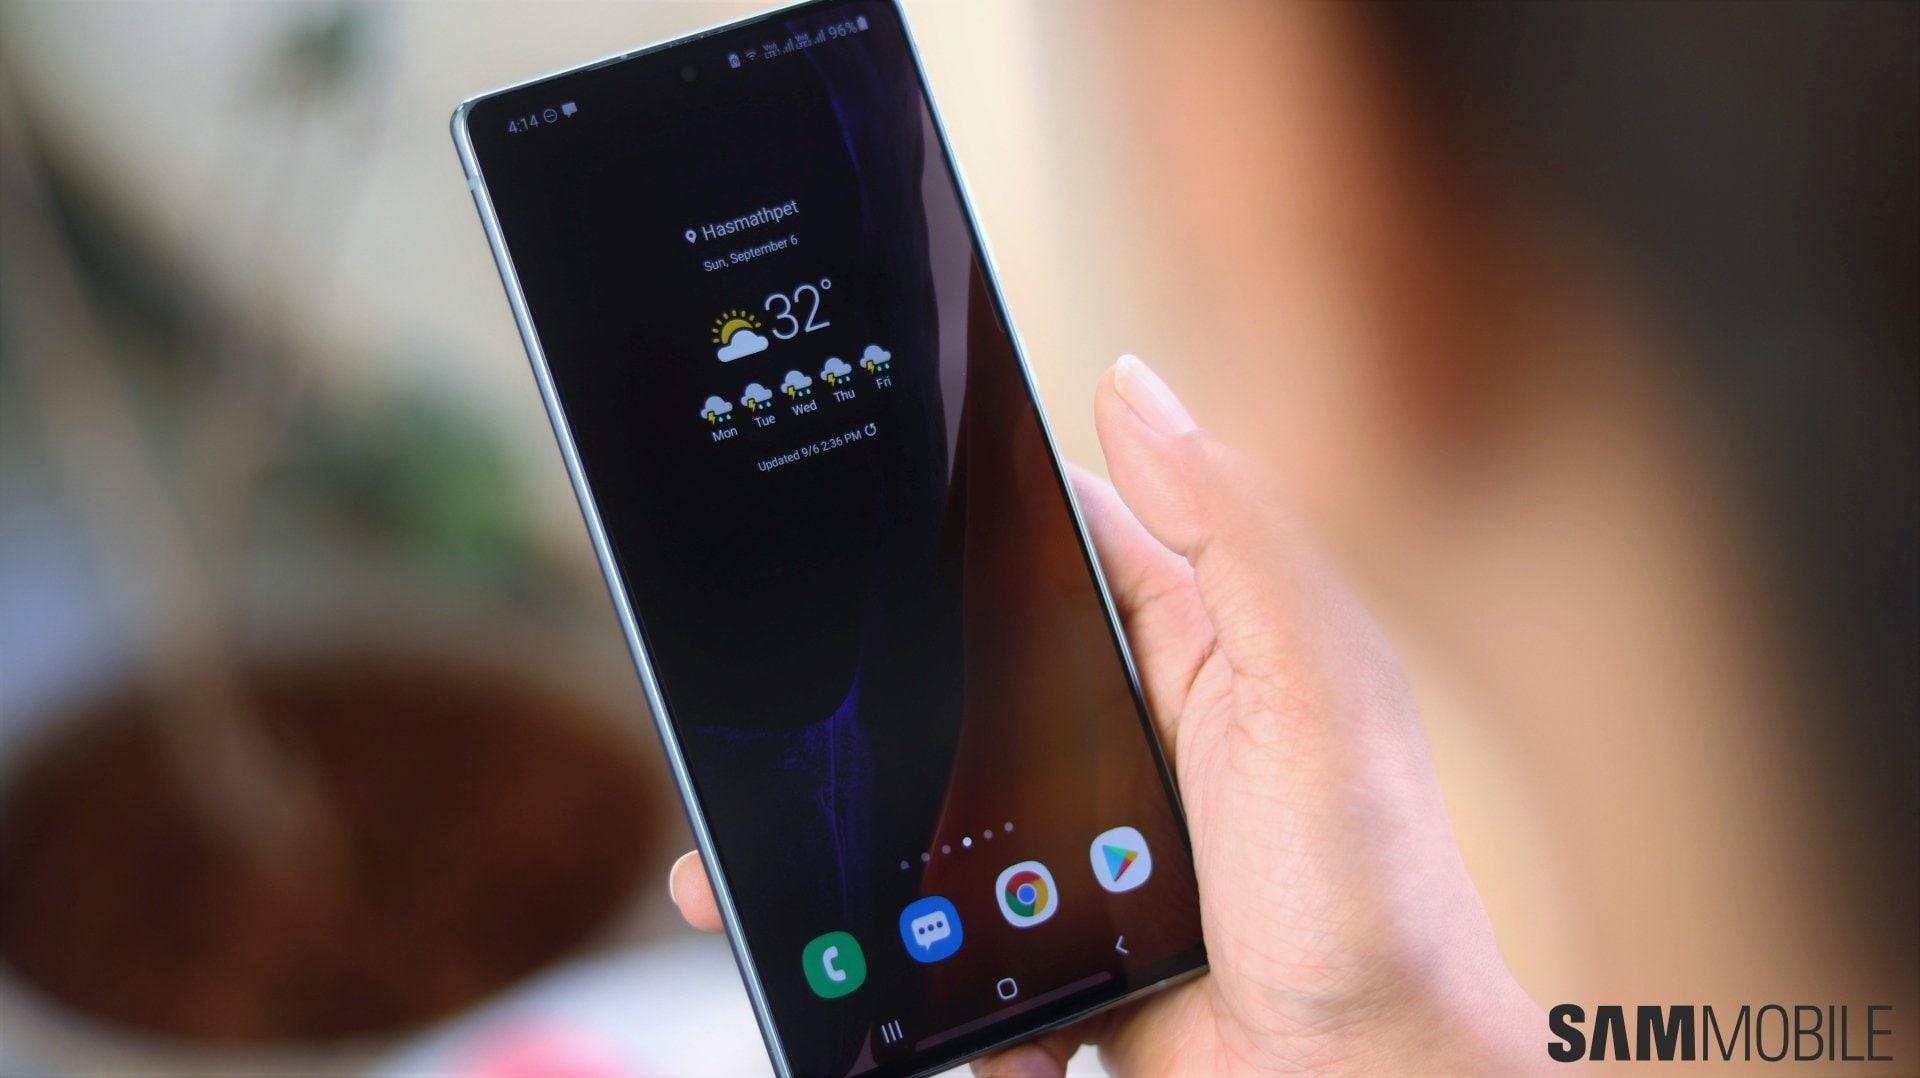 Android 11 con One UI 3.0 su serie Galaxy Note 20 vicino al rilascio della versione stabile